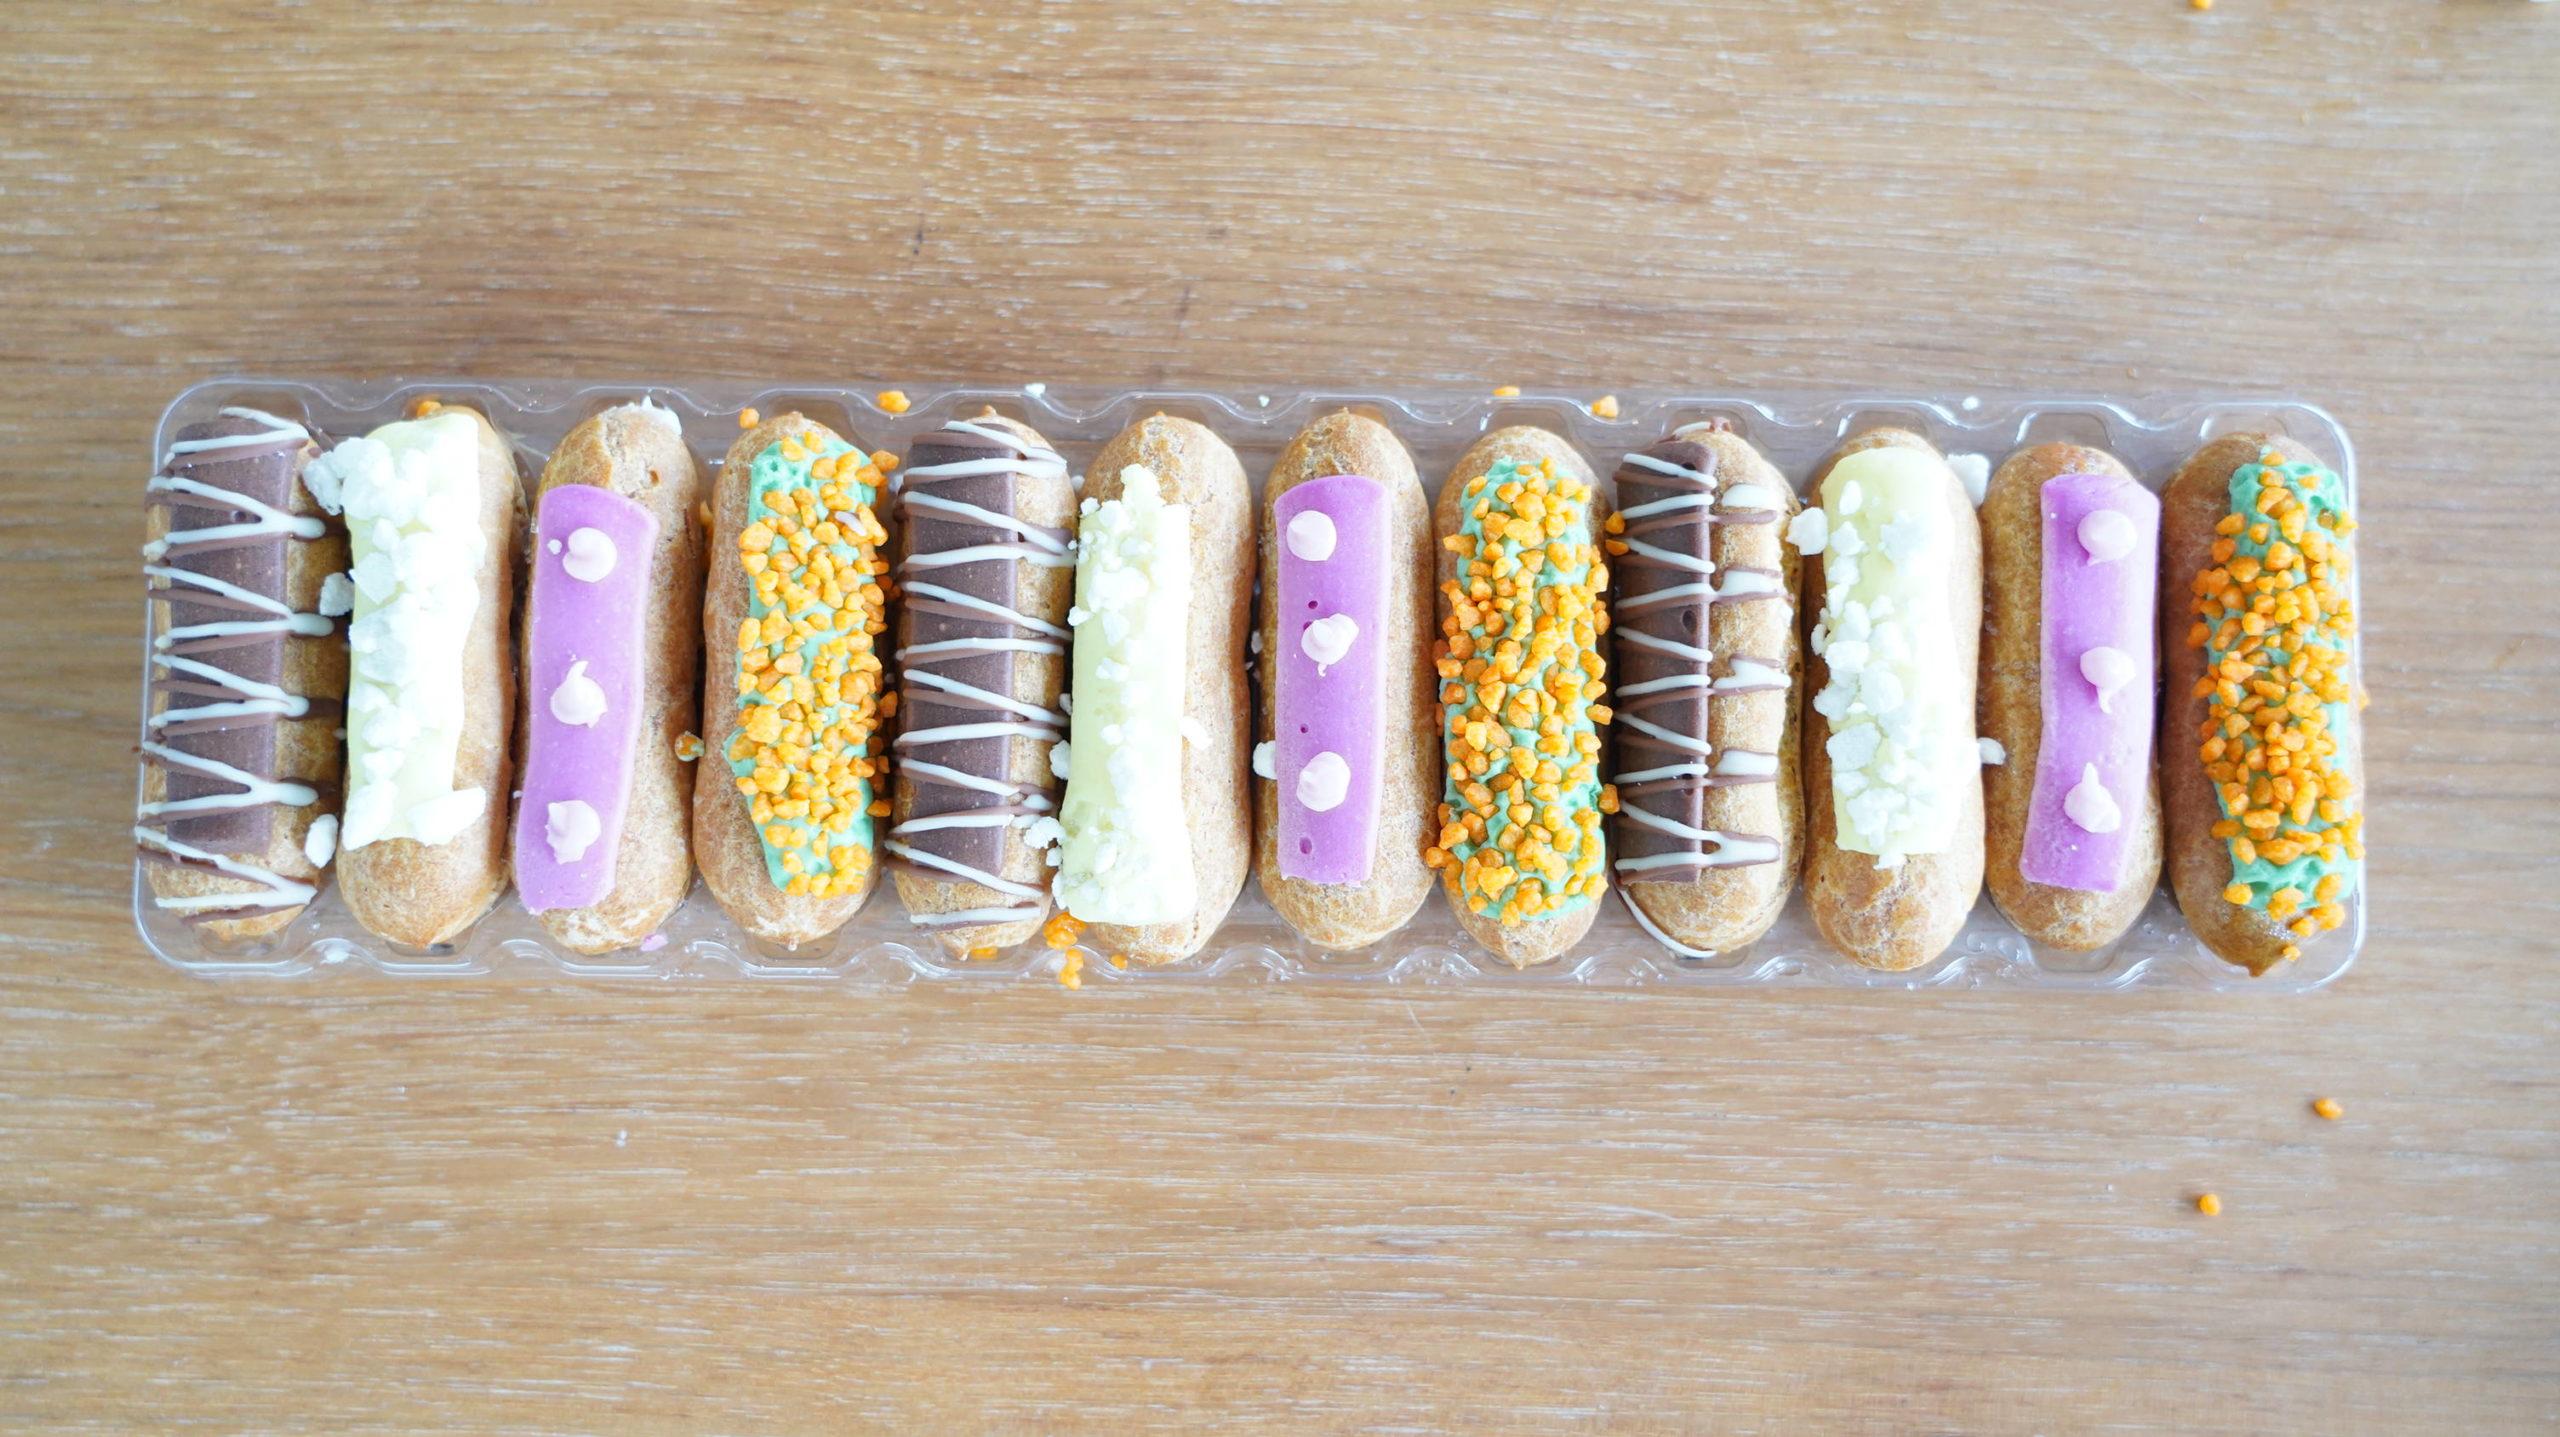 ピカールの冷凍食品「食いしん坊のミニエクレア」のラップをはがした写真